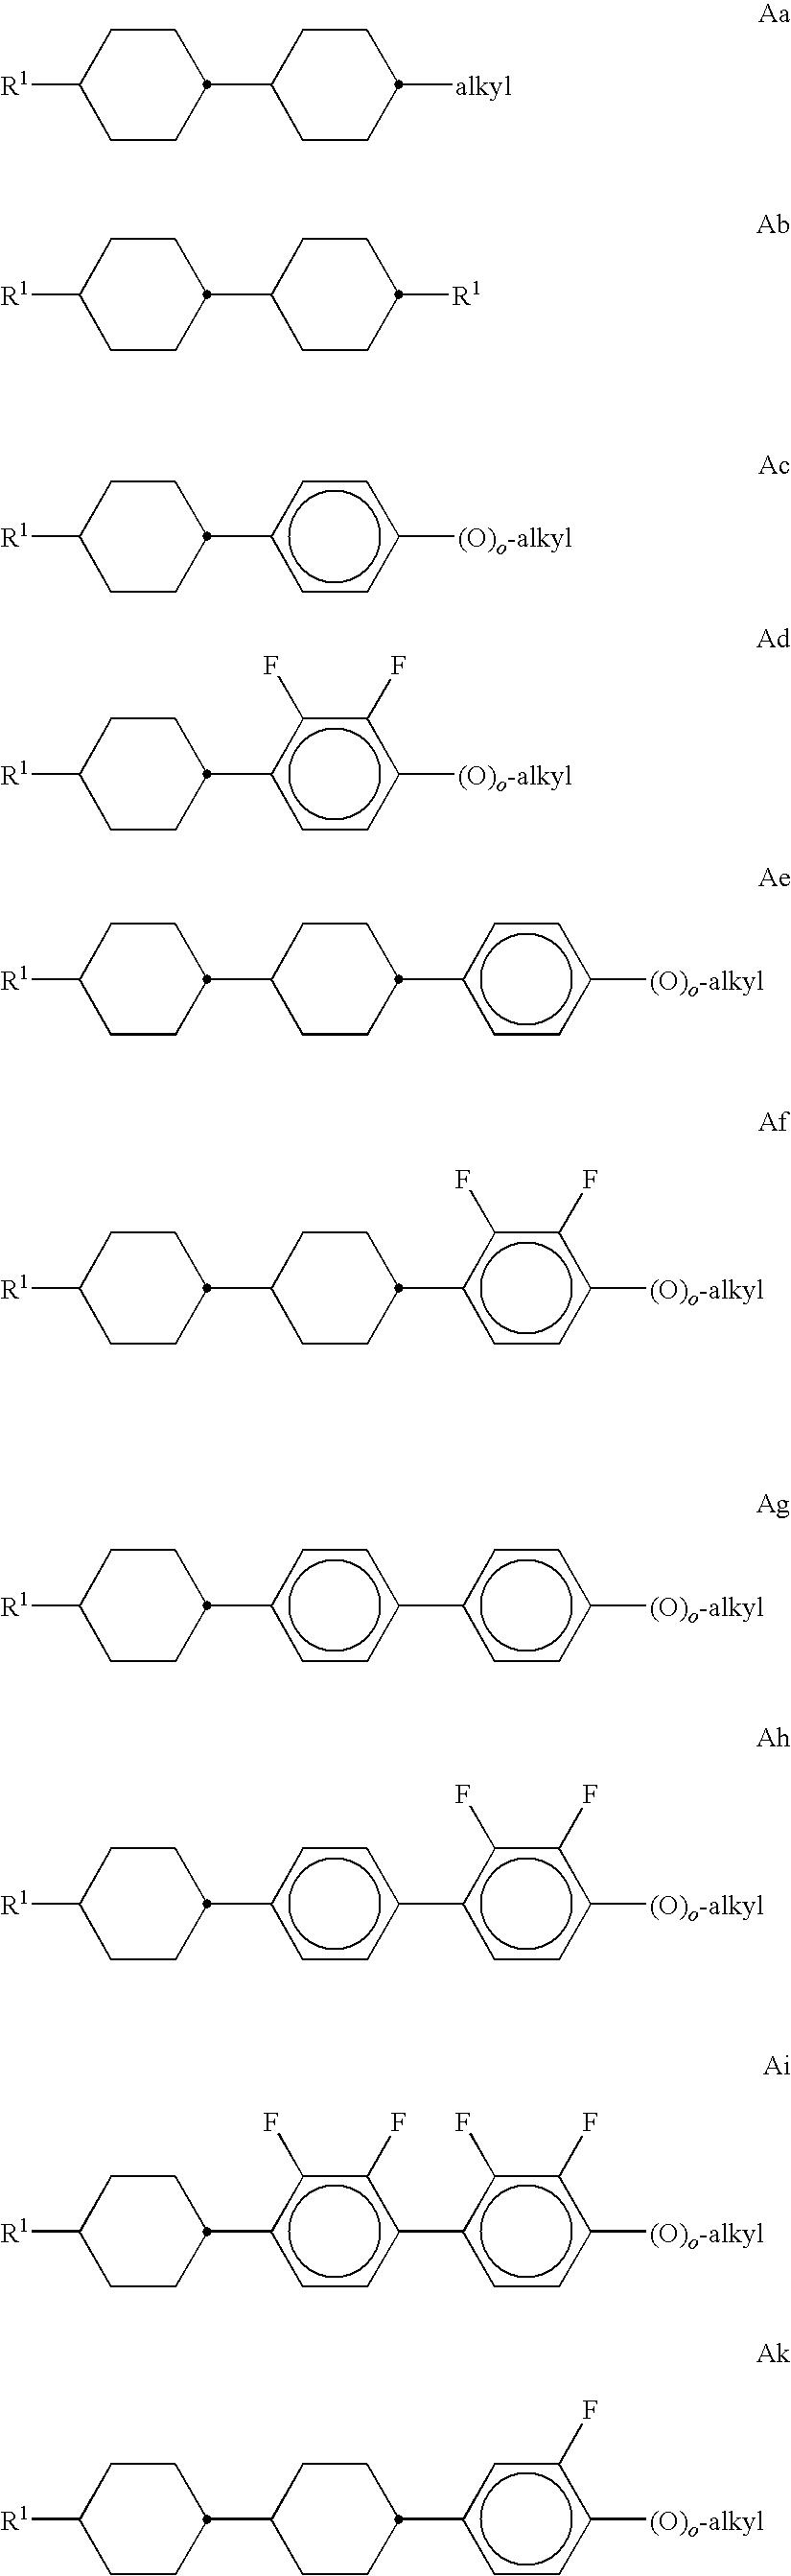 Figure US20100304049A1-20101202-C00004